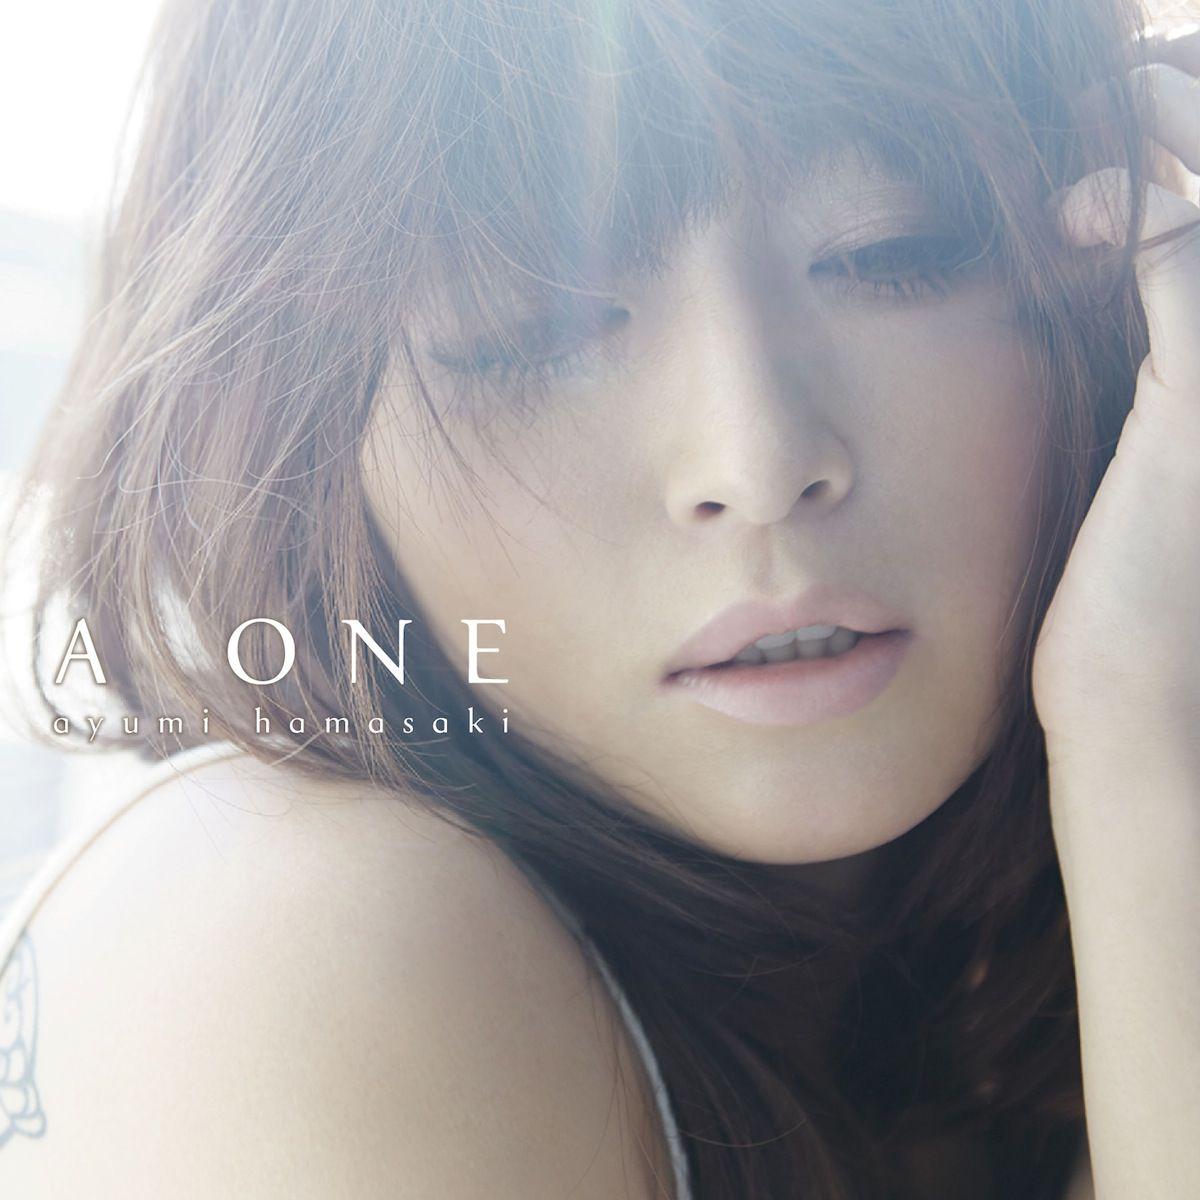 浜崎あゆみ、ニューアルバム『A ONE』がアジア各国で大ヒット!台湾のJ-POP、K-POPチャートで1位に!